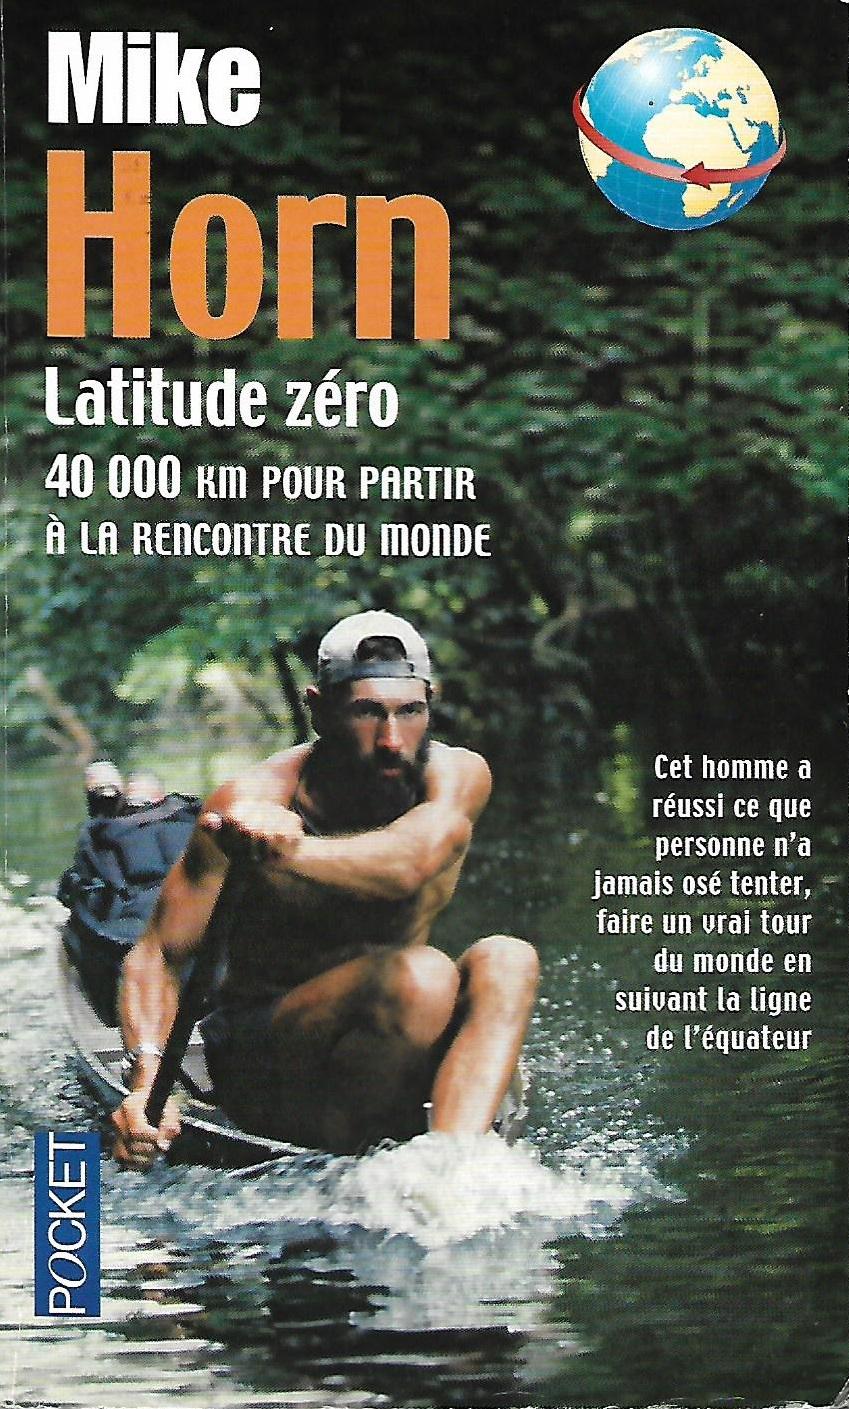 Livres de survie - Latitude Zero Mike Horn